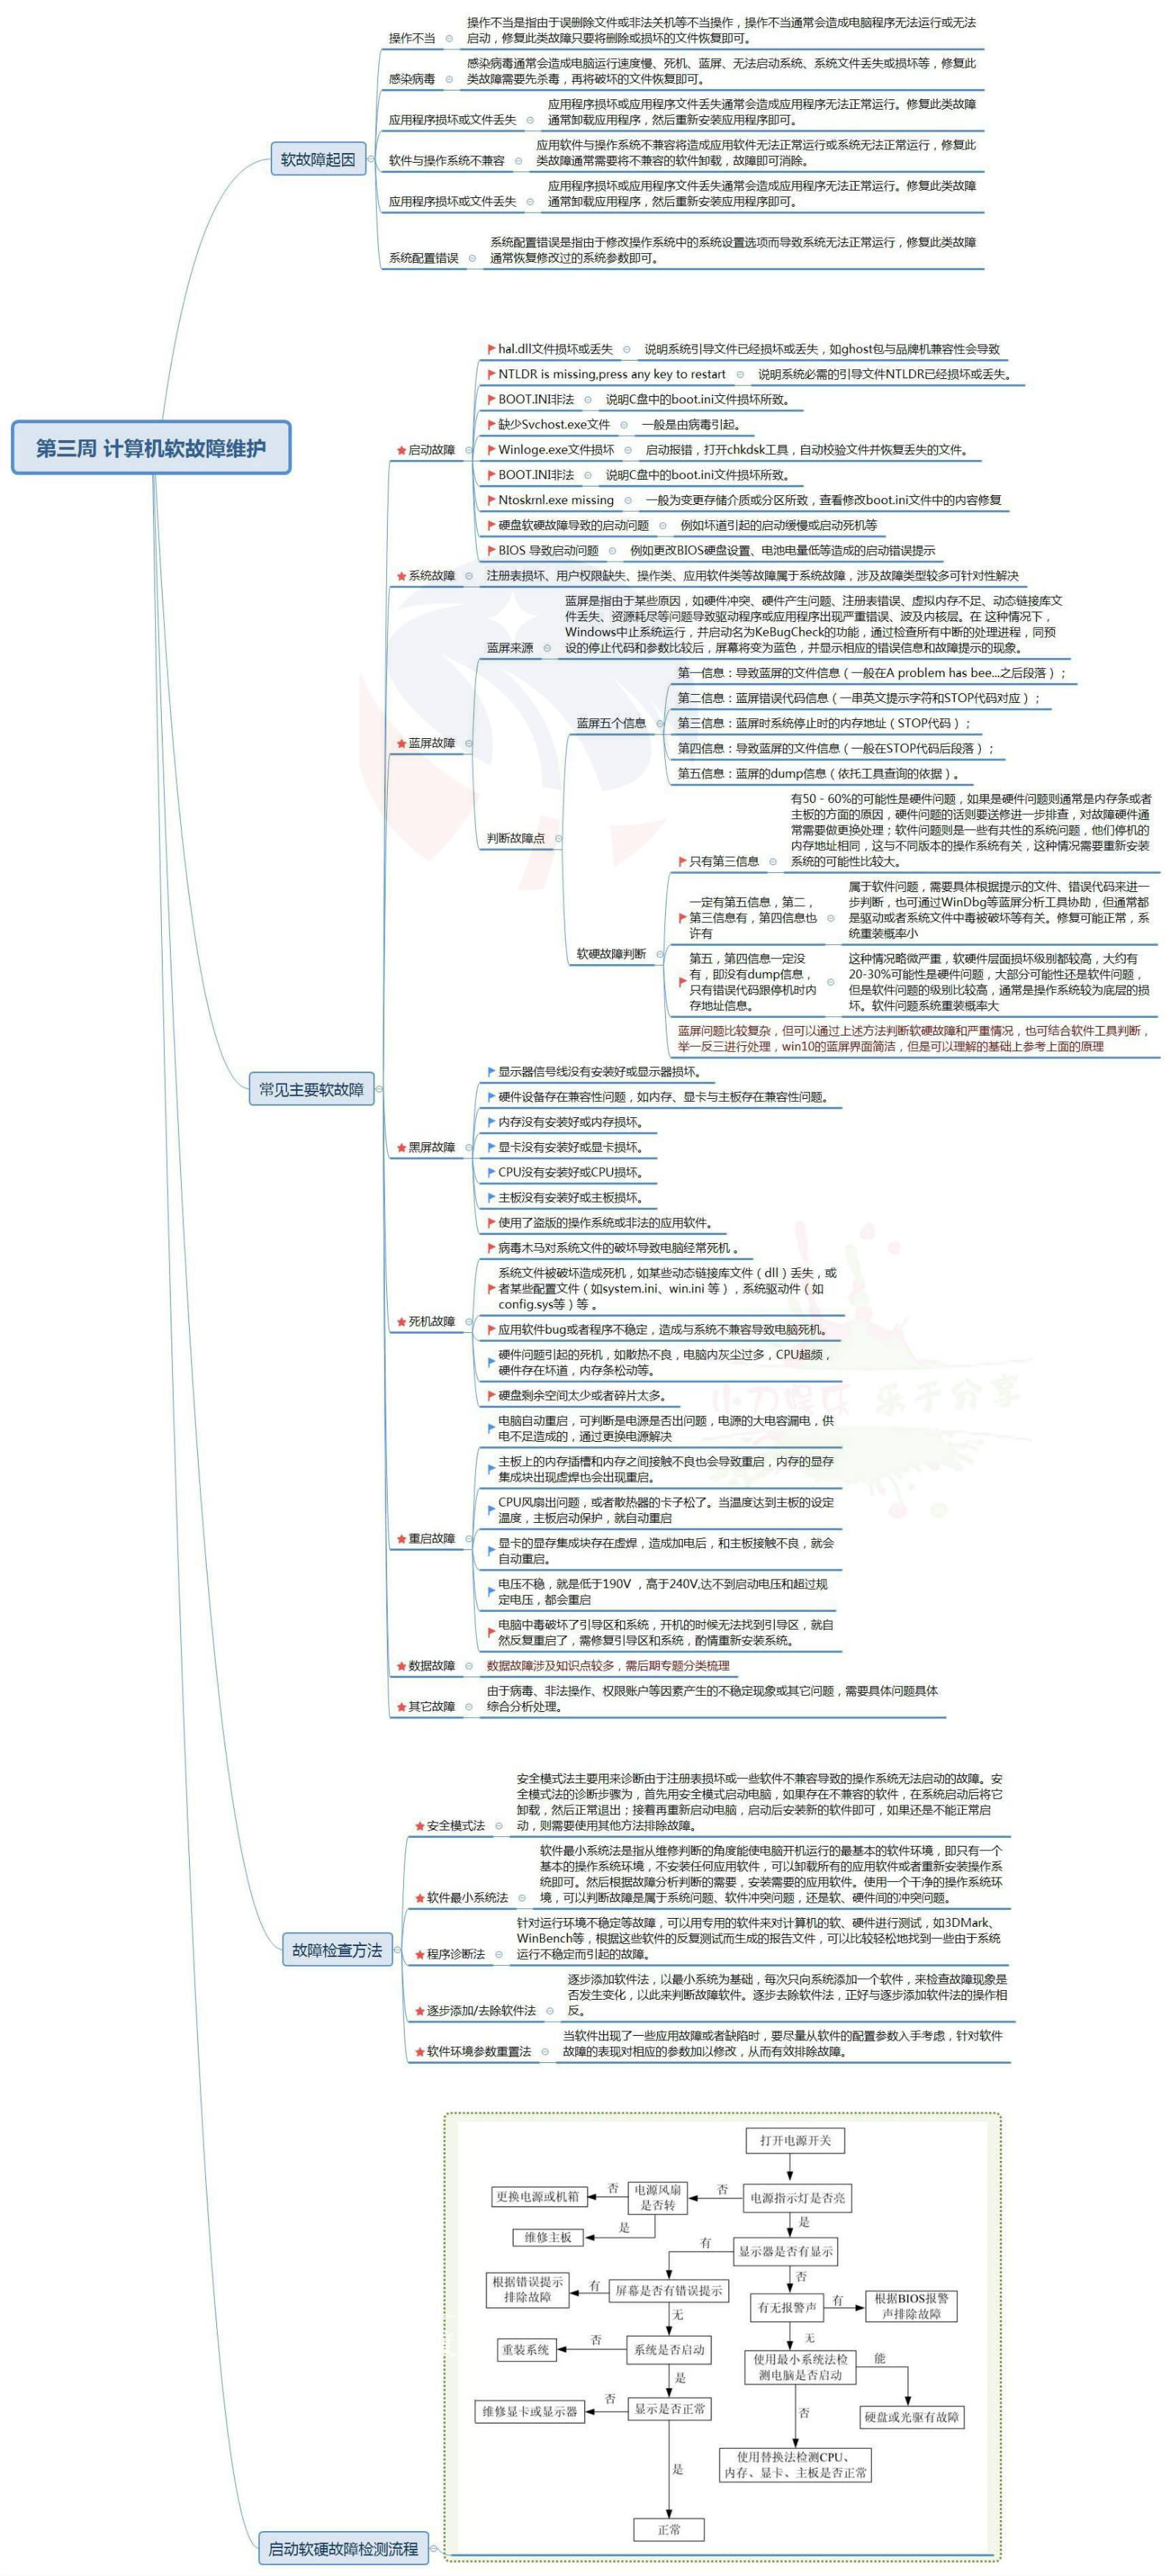 电脑故障知识梳理脑图.jpg